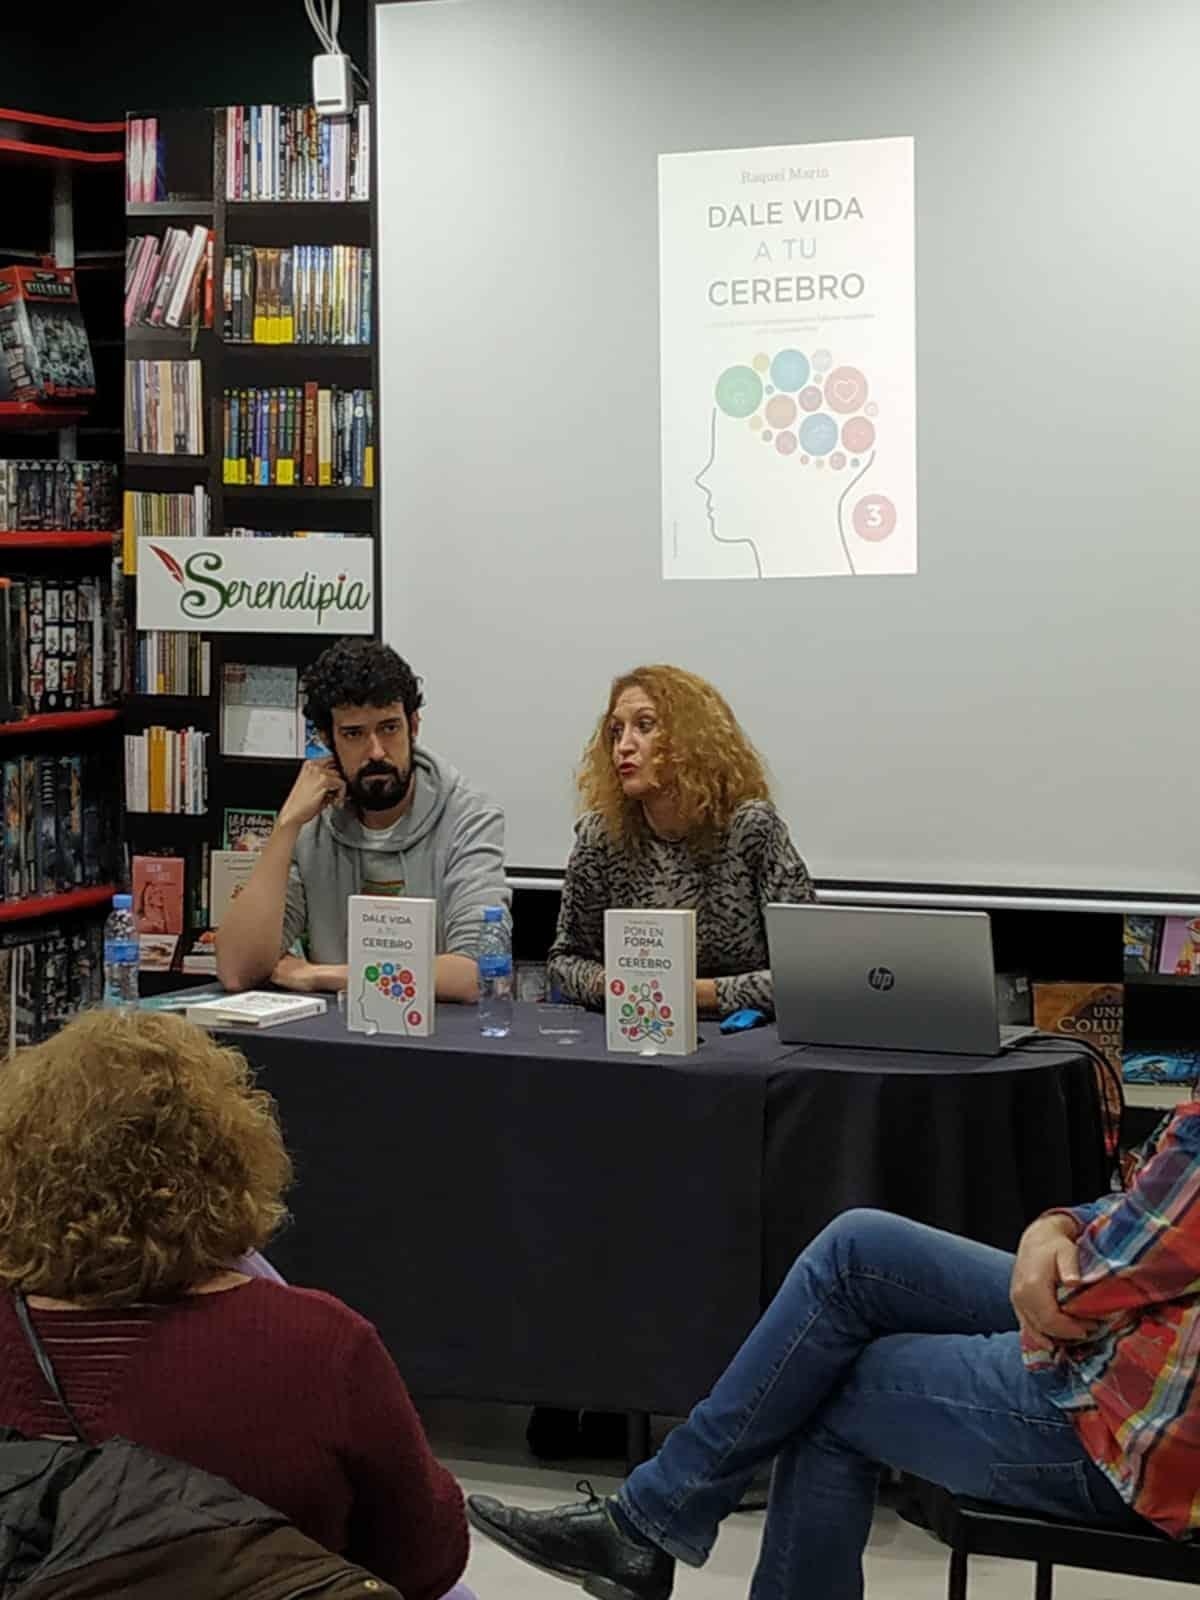 @raquelmarineuro sigue con sus presentaciones de #ponenformatucerebro, ayer en Ciudad Real